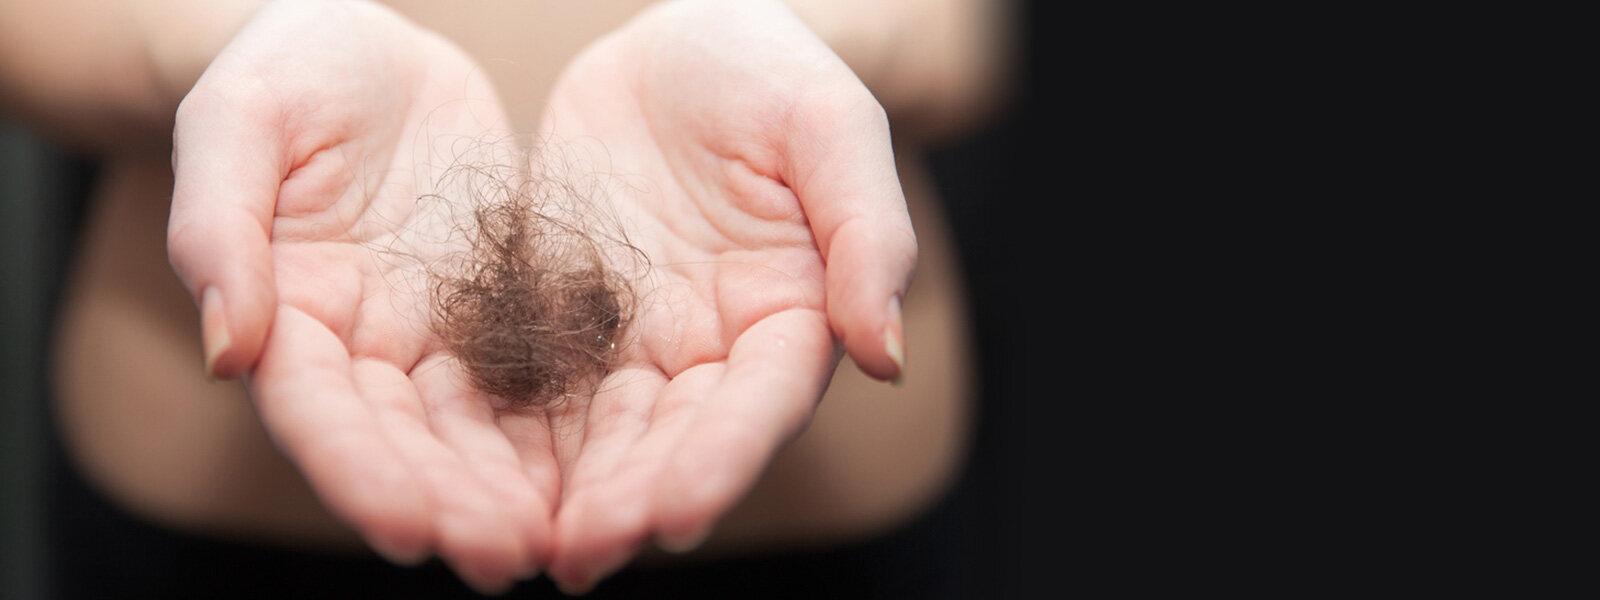 femme tenant dans ses mains un touffe de cheveux